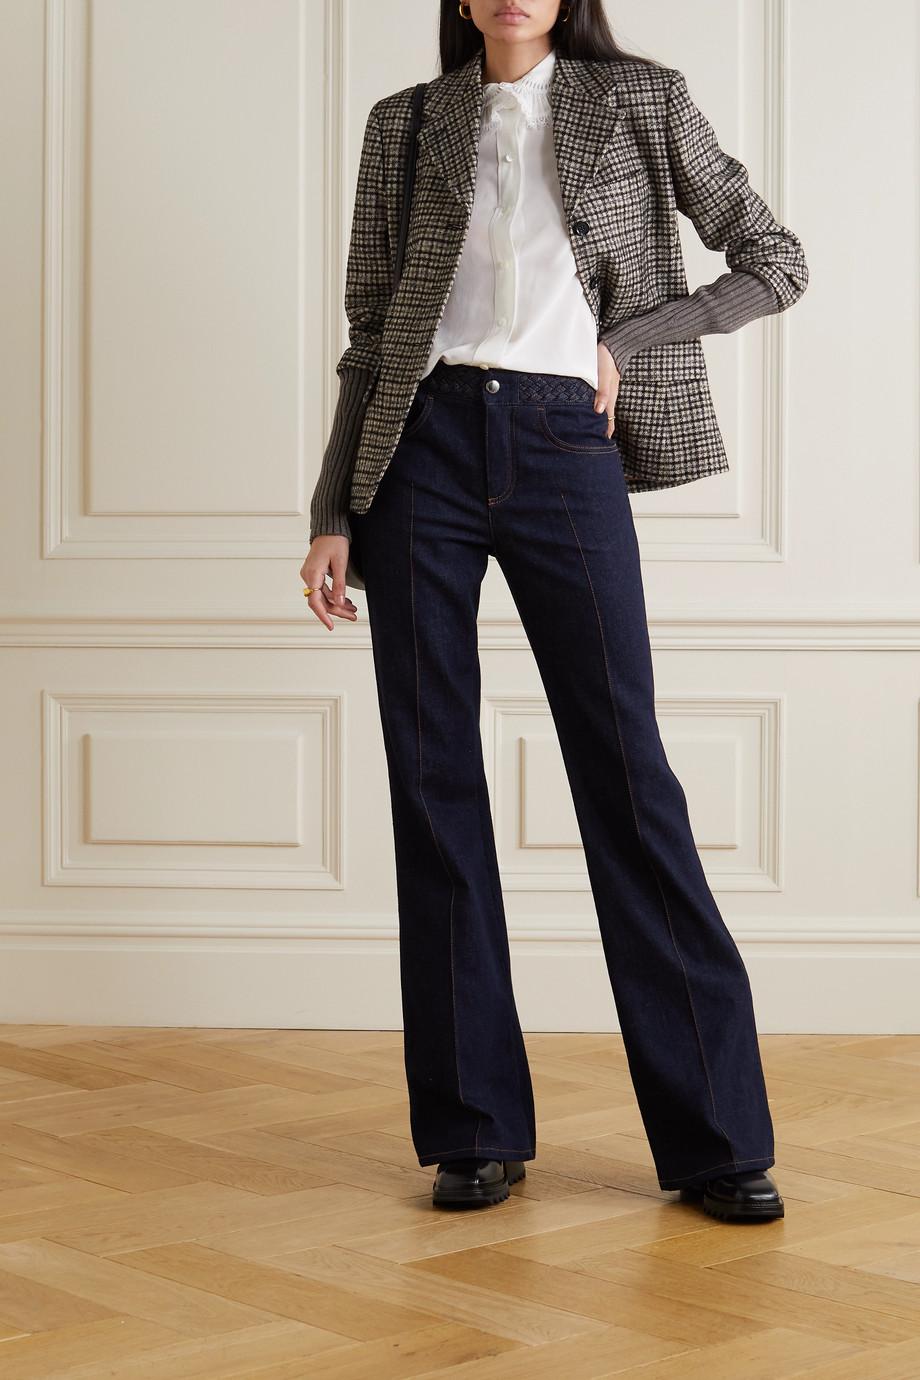 Chloé Jacke aus kariertem Tweed aus einer Wollmischung und Rippstrick